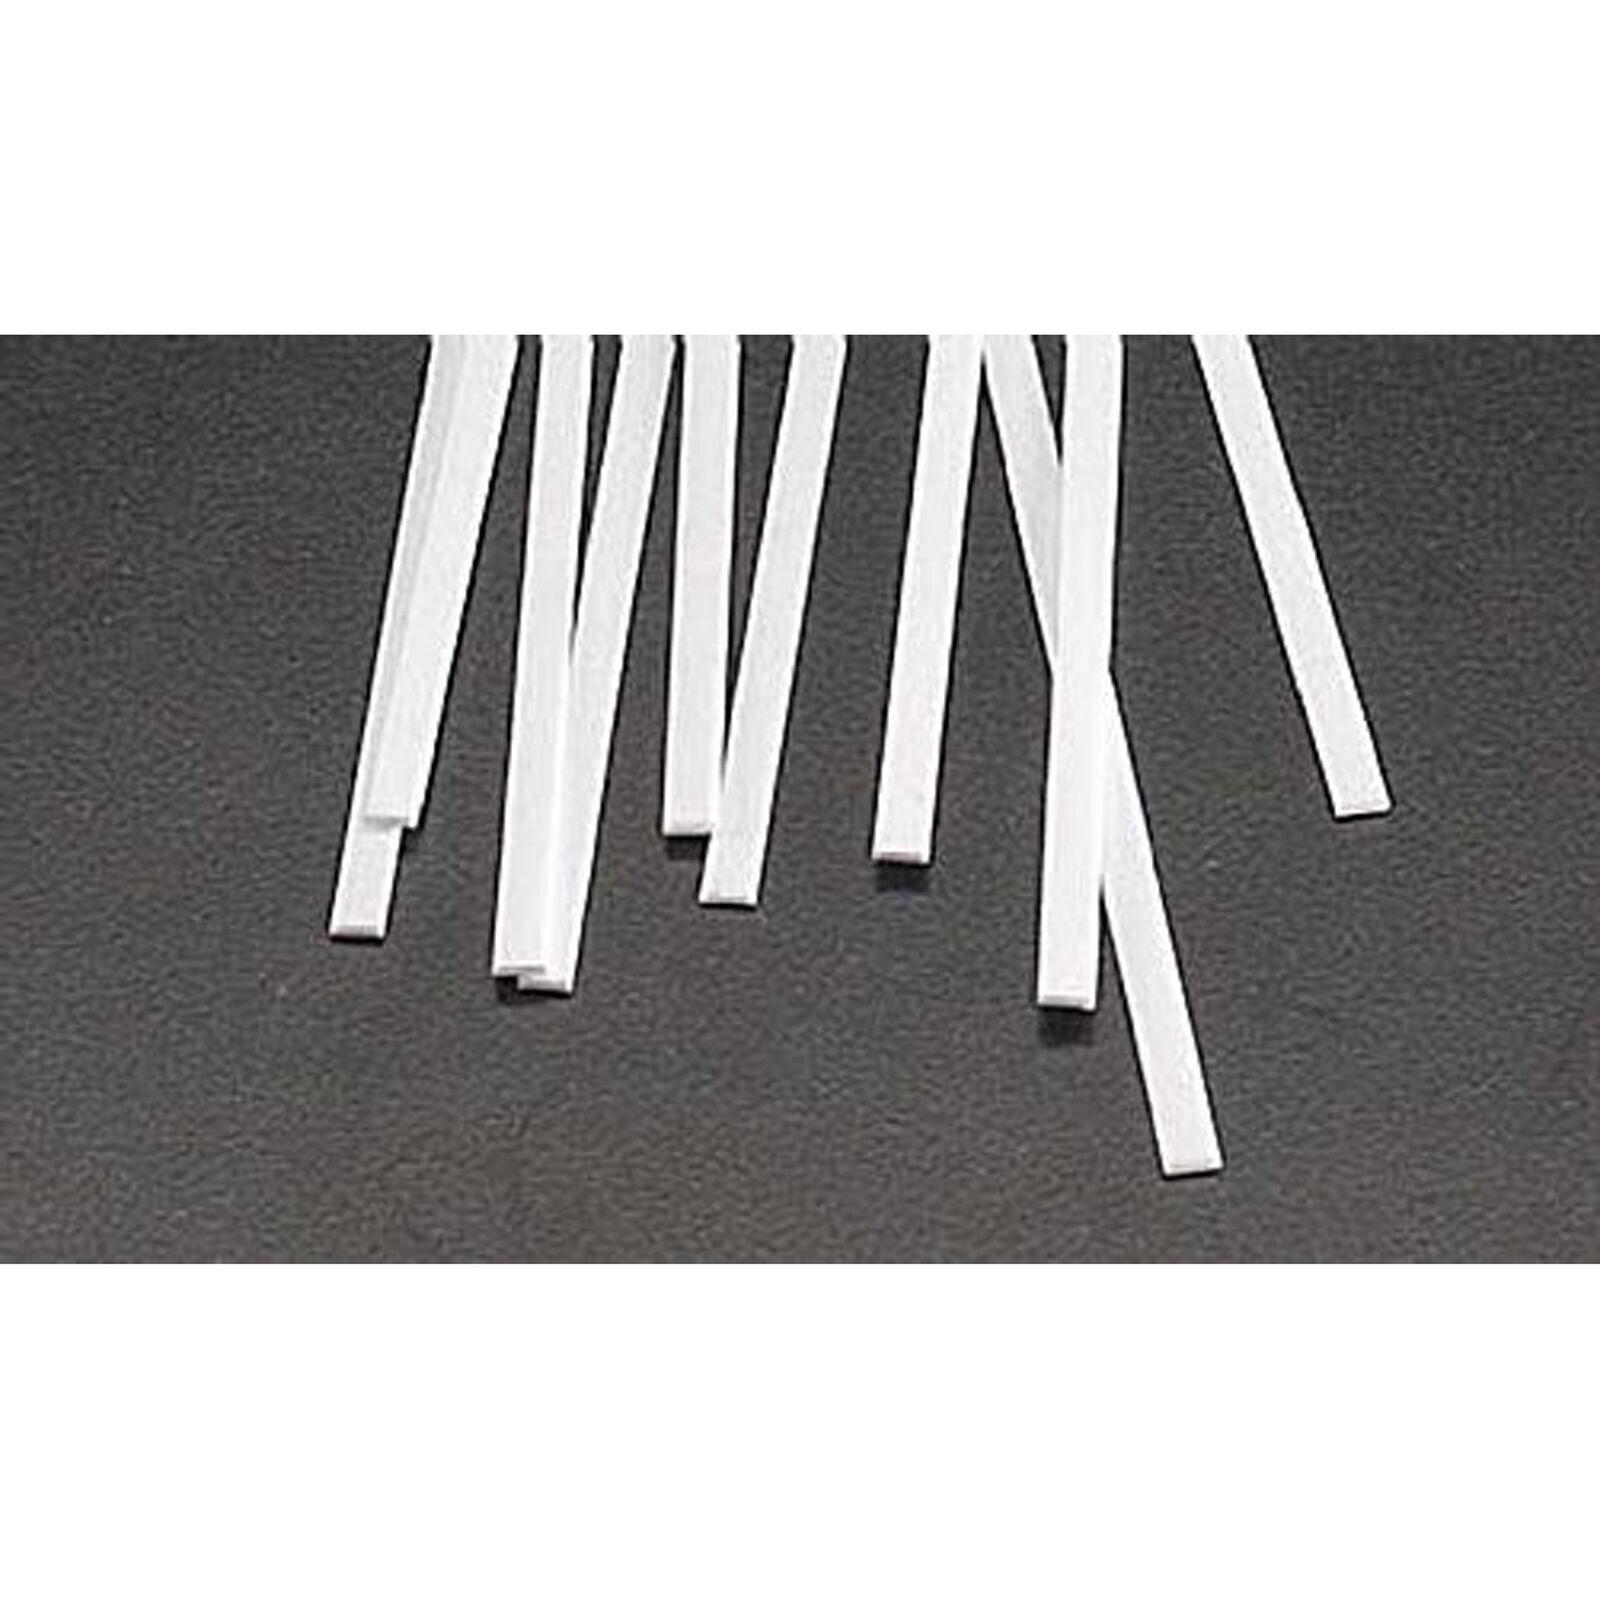 MS-310 Rect Strip,.030x.100 (10)